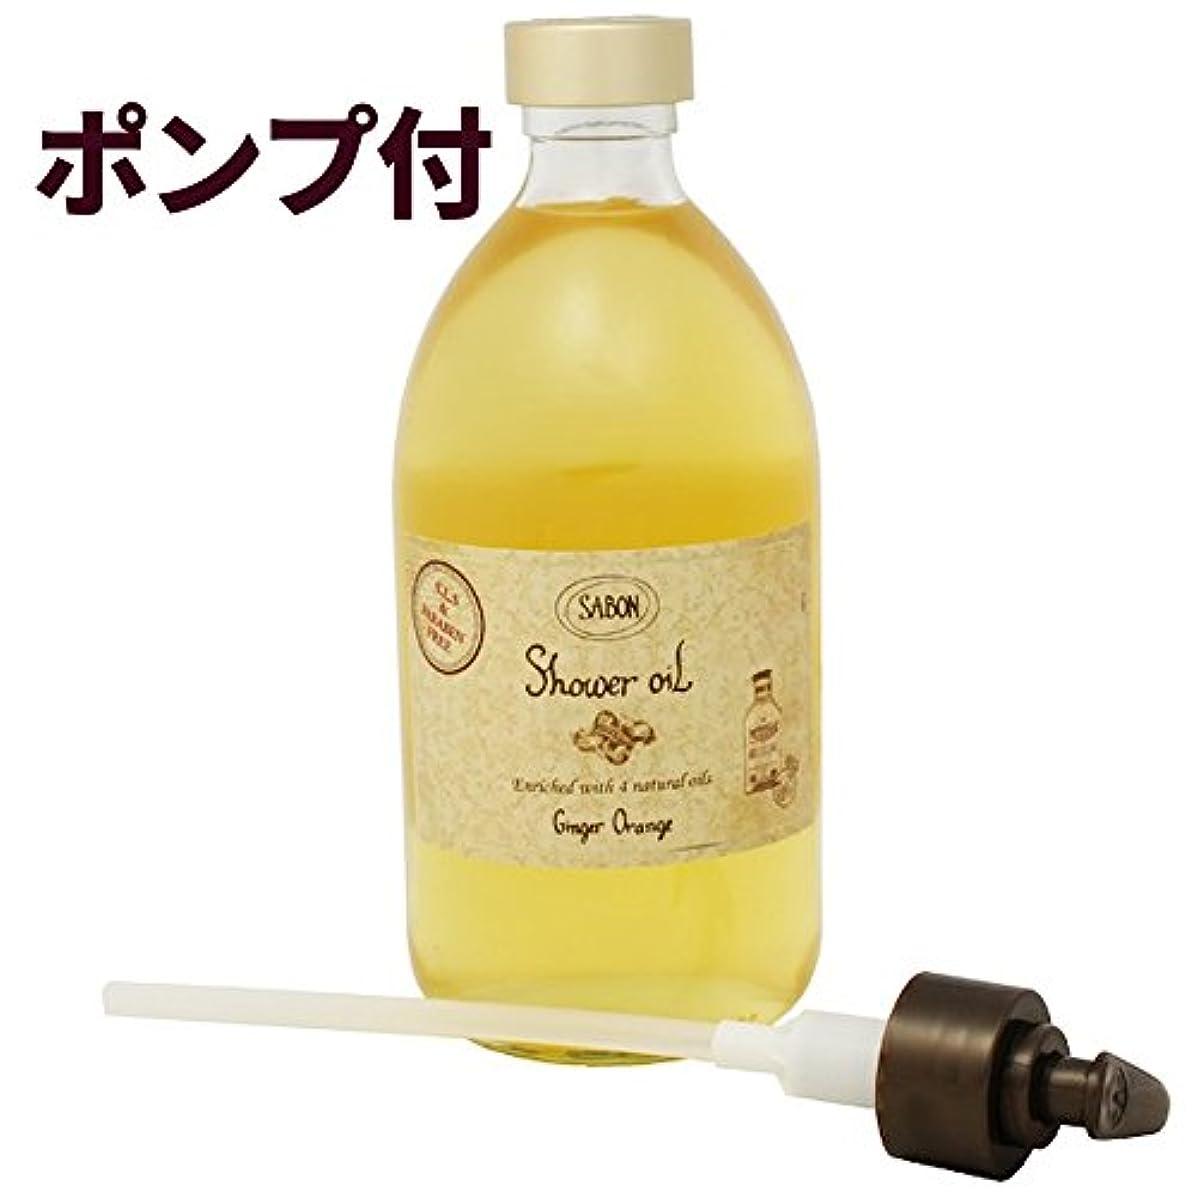 遺伝子コンテスト持っているサボン シャワーオイル ジンジャーオレンジ 500ml(並行輸入品)